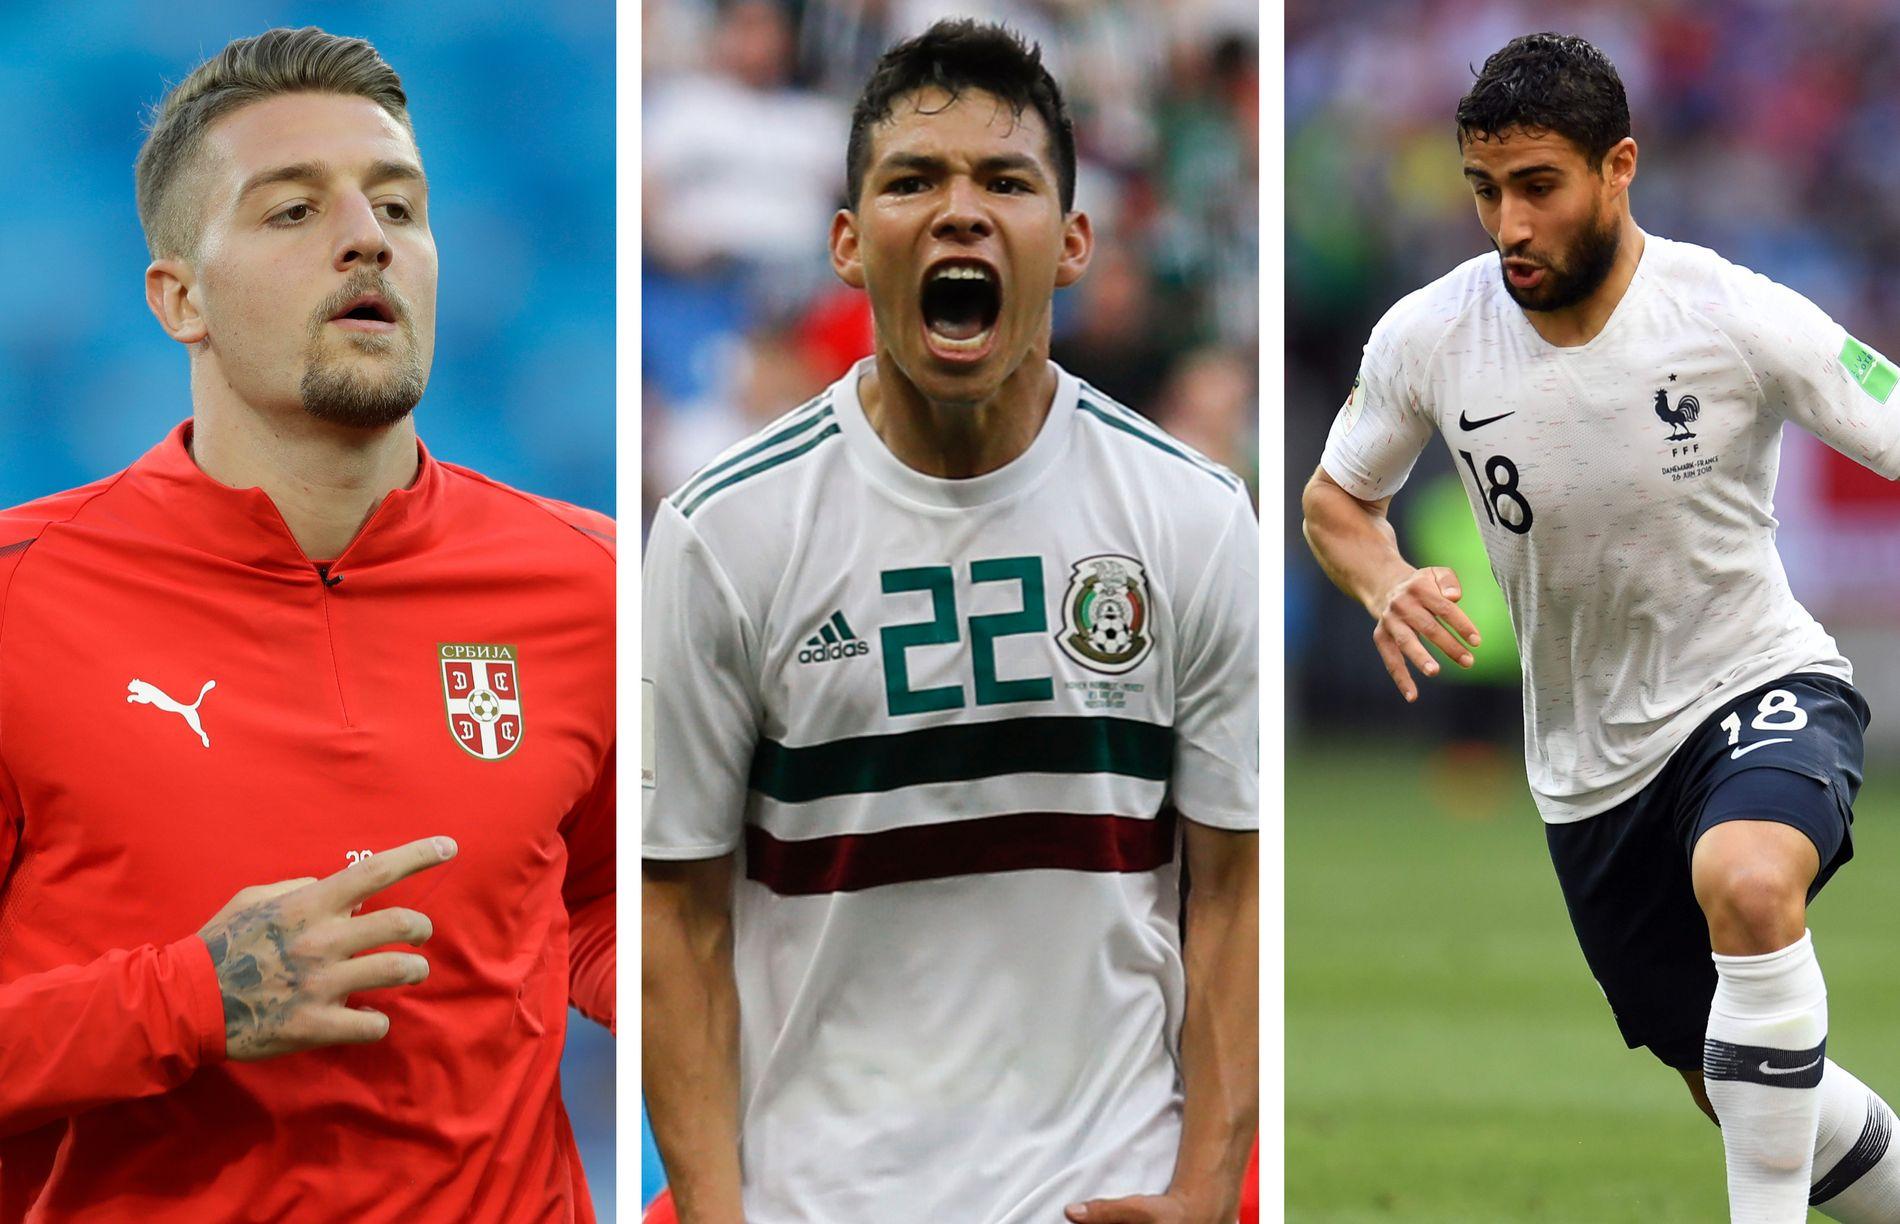 FRA VM TIL STORKLUBB? Sergej Milinkovic-Savic (f.v.), Hirving Lozano og Nabil Fekir er tre av VM-profilene som kan ta steget til en skikkelig storklubb denne sommeren.